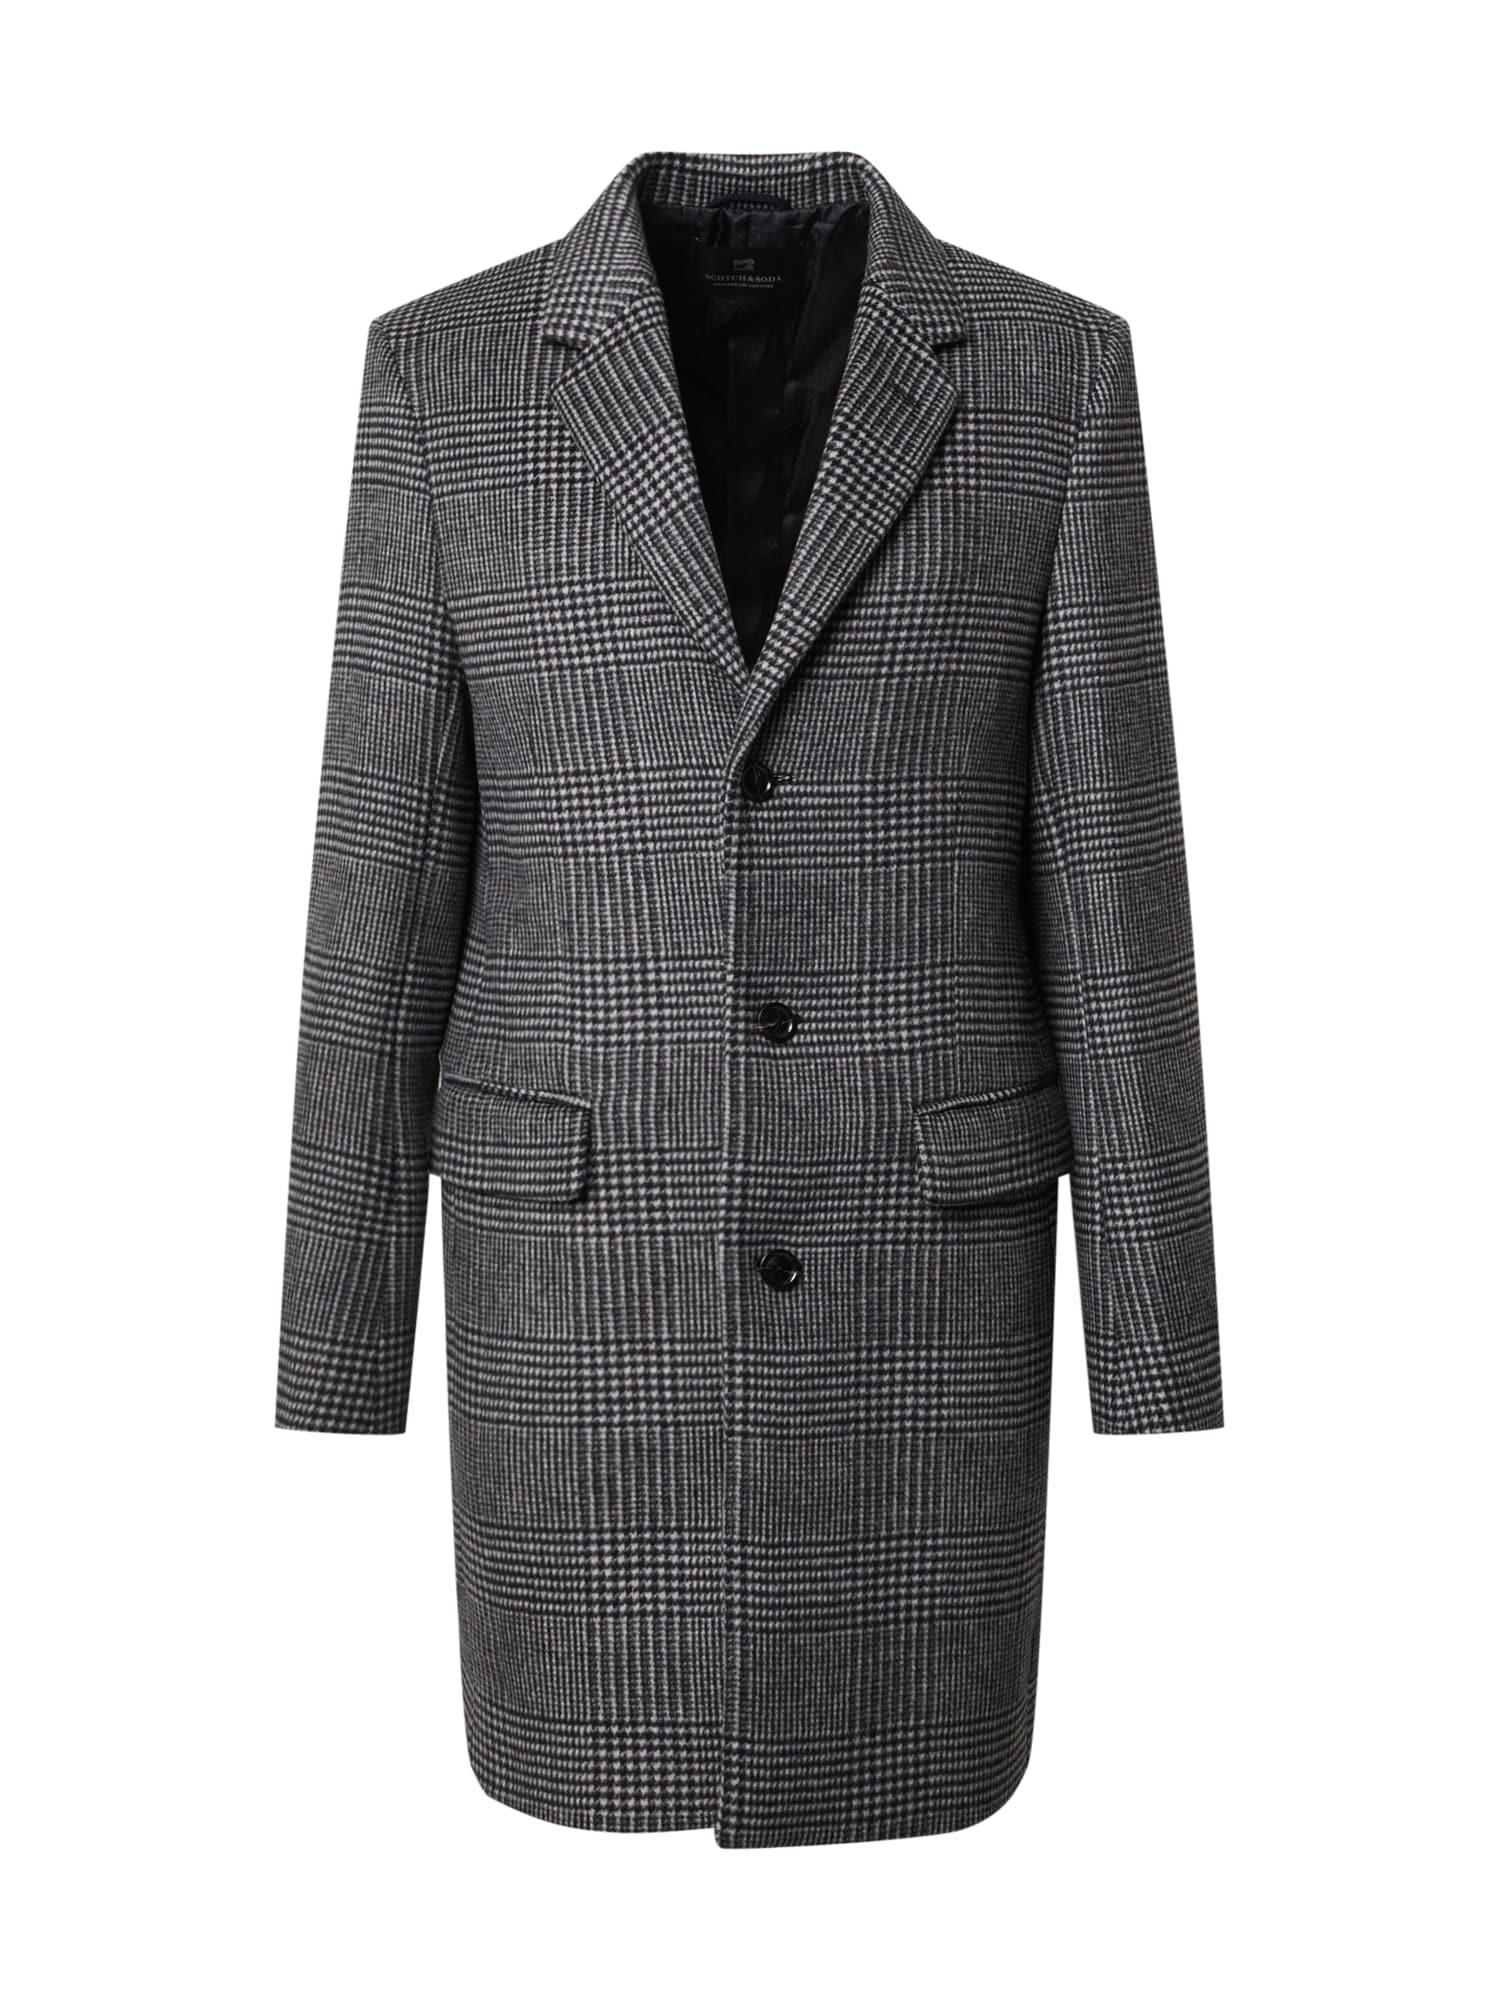 SCOTCH & SODA Přechodný kabát  tmavě šedá / bílá / černá